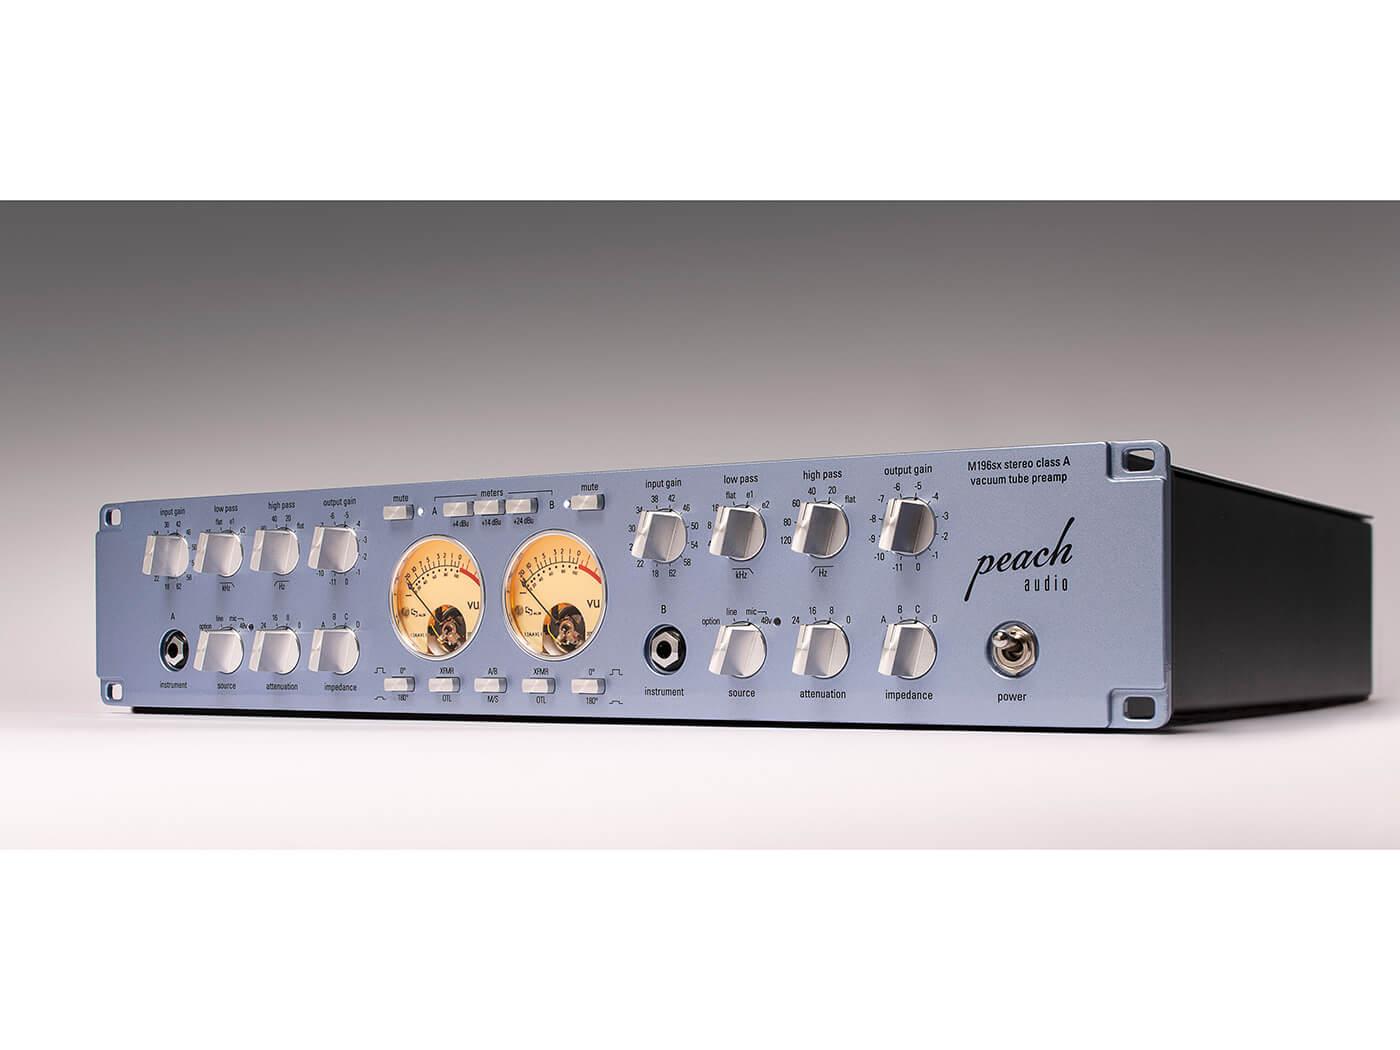 Peach Audio Savannah M196sx